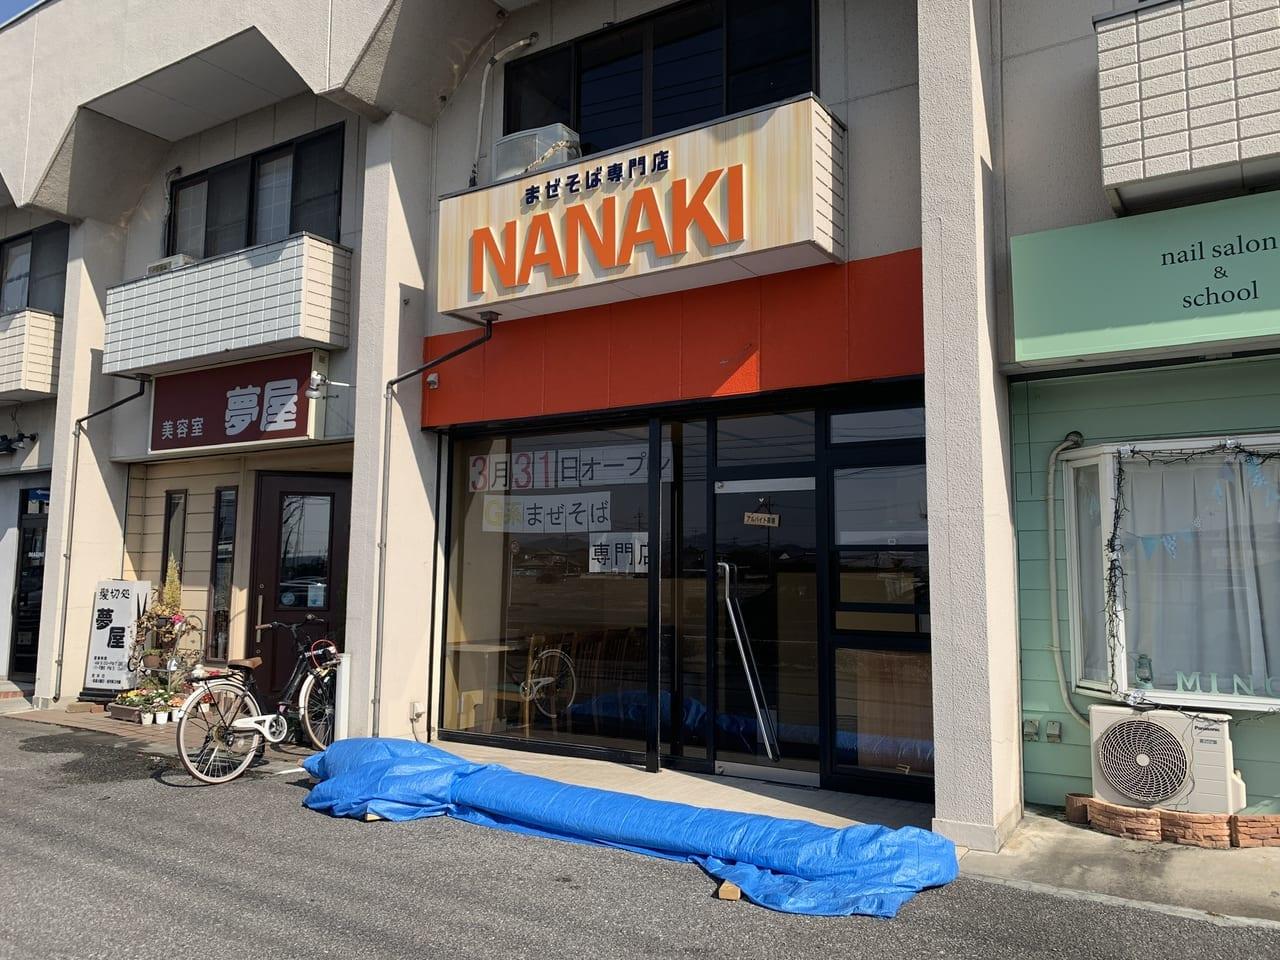 NANAKIさん3/31開店